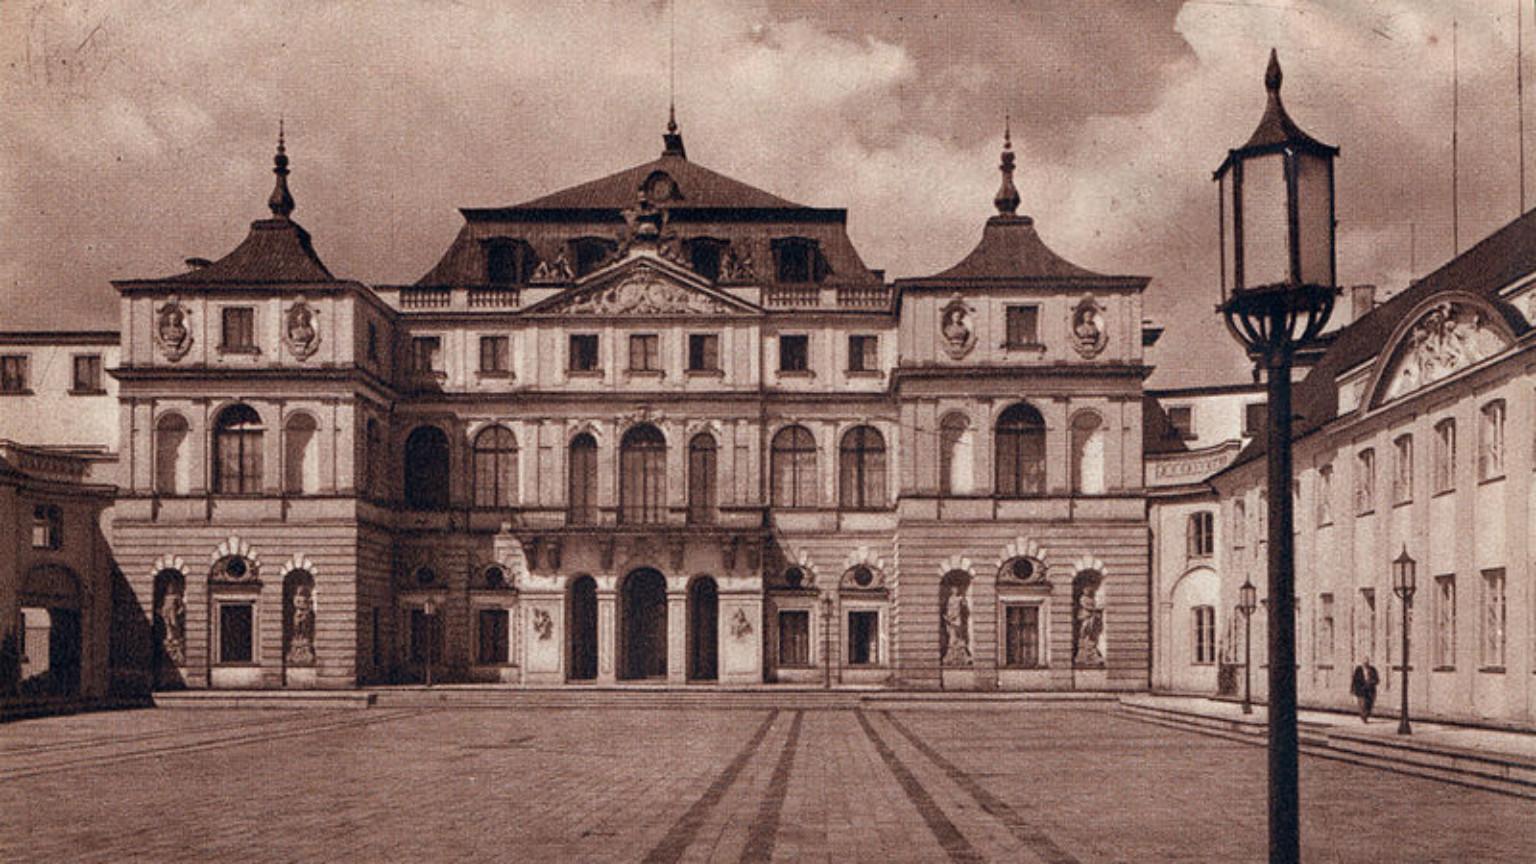 Zdjęcie dla kartki: Wysadzenie pałacu Brühla